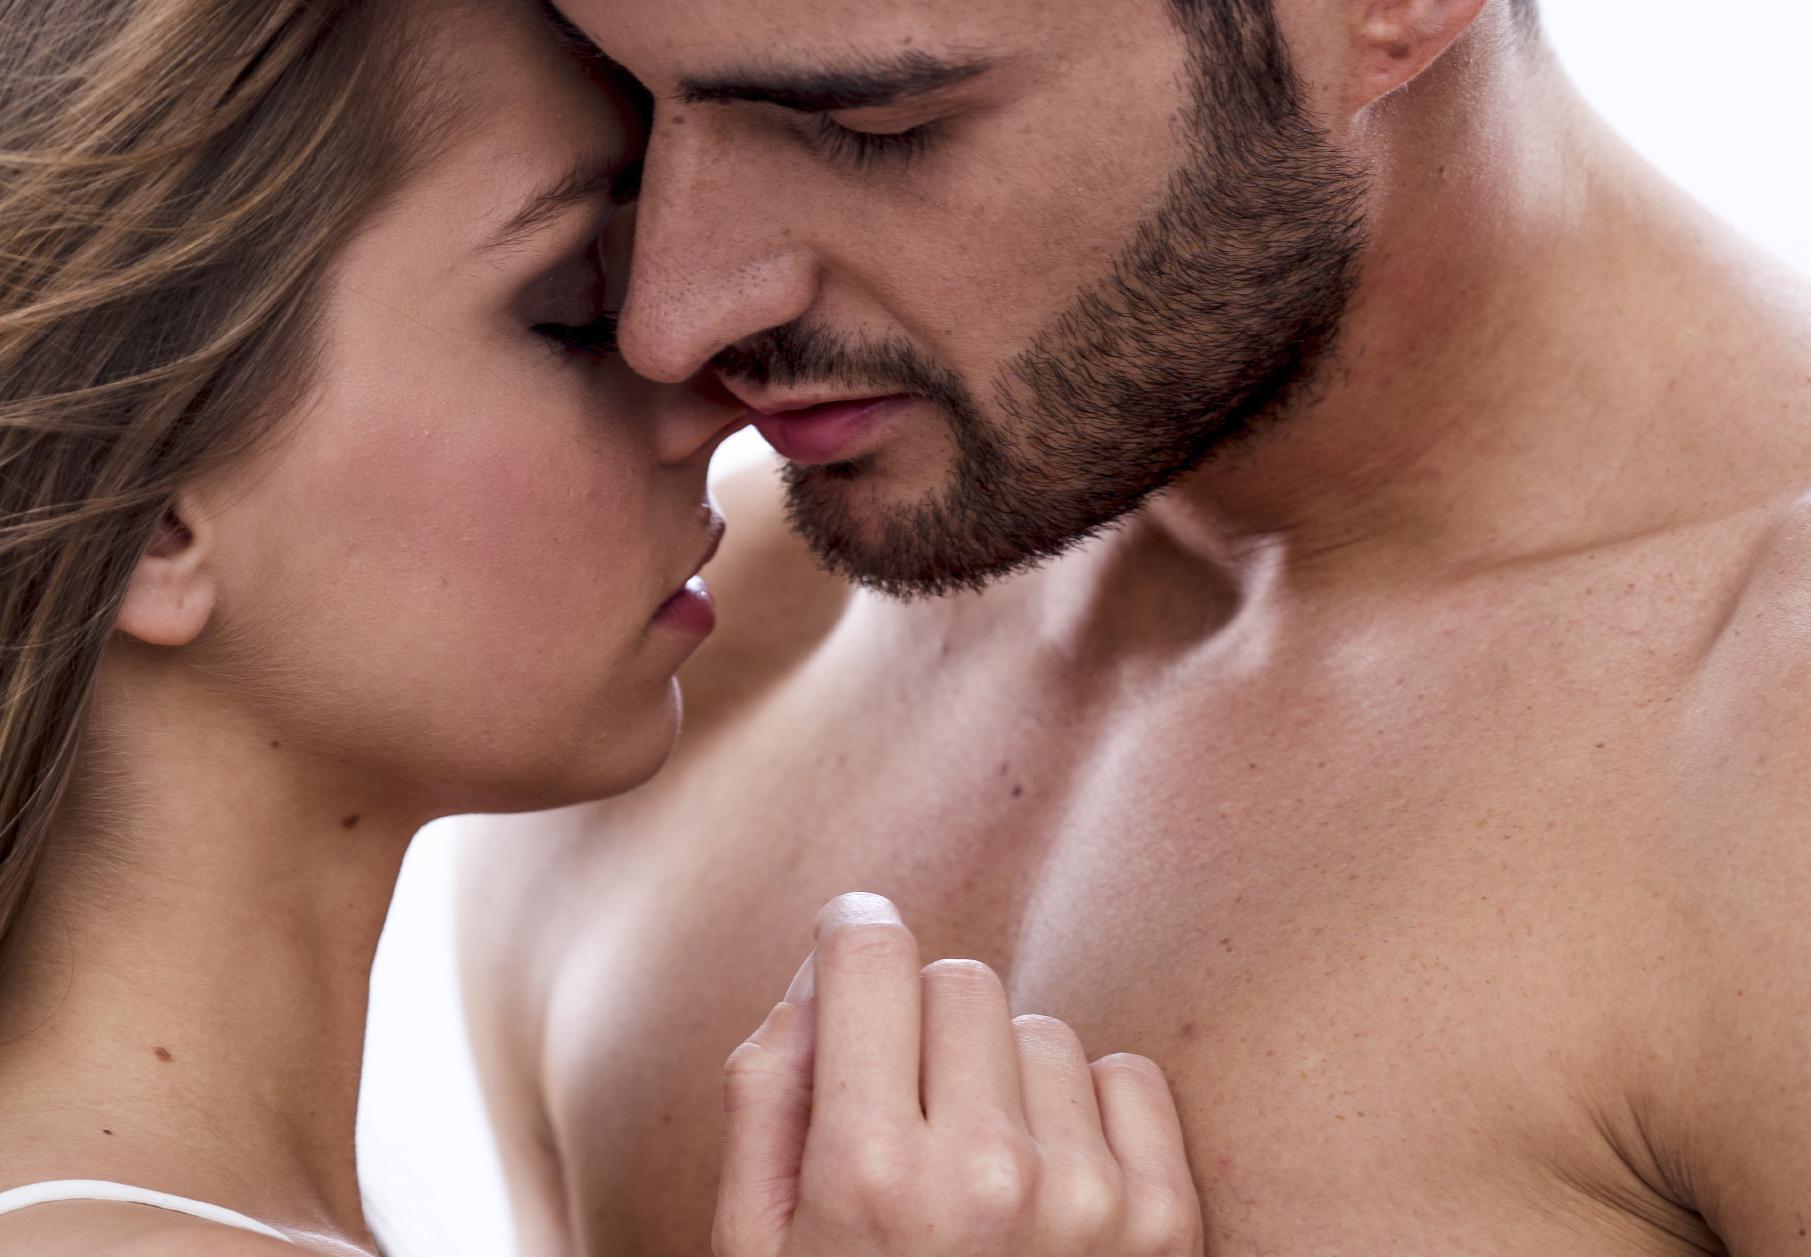 fræk sexhistorier nøgen røv